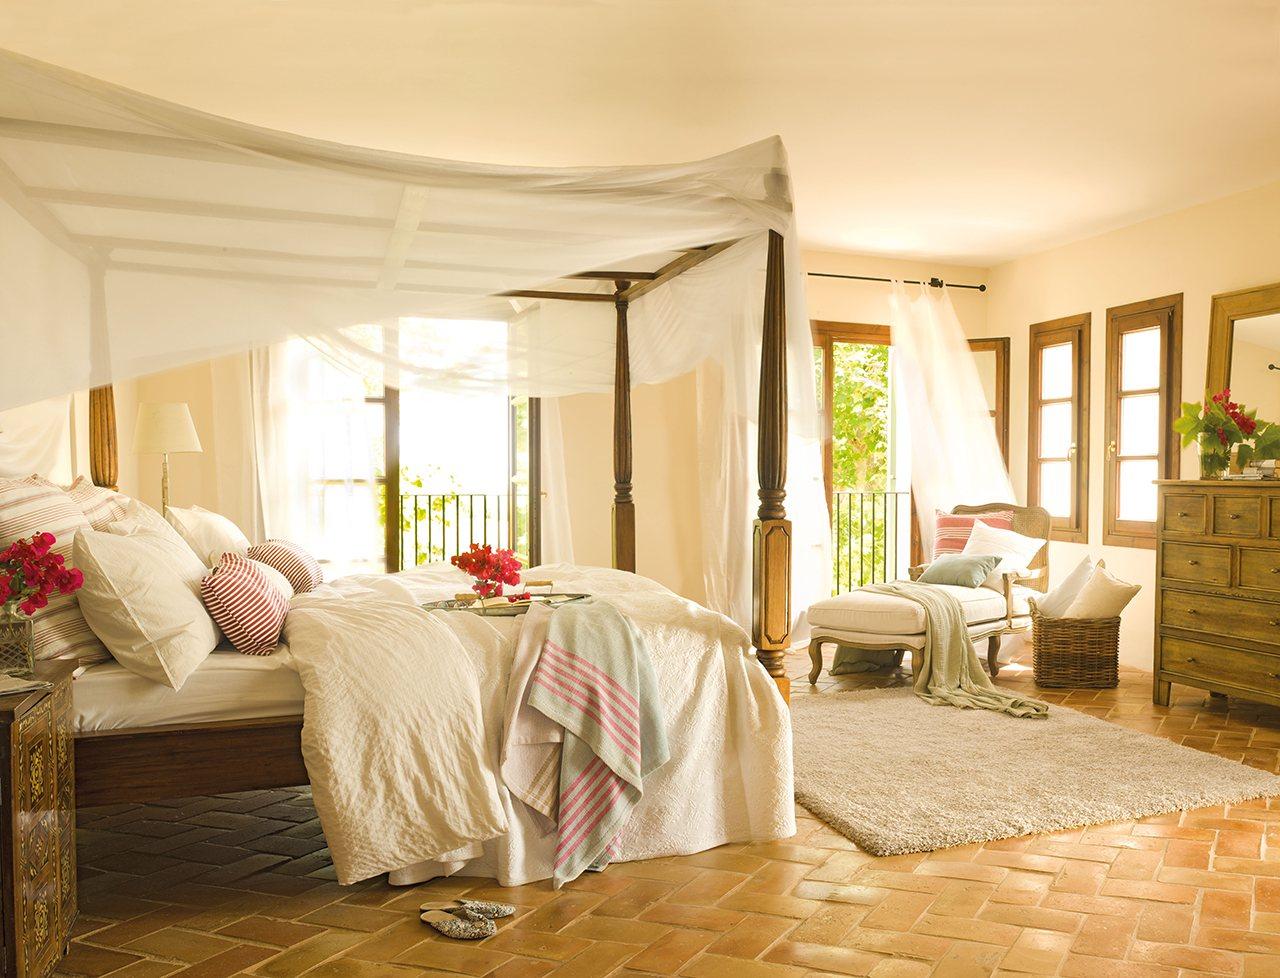 Dormitorios beige top dormitorios modernos en blanco - Dormitorio beige ...